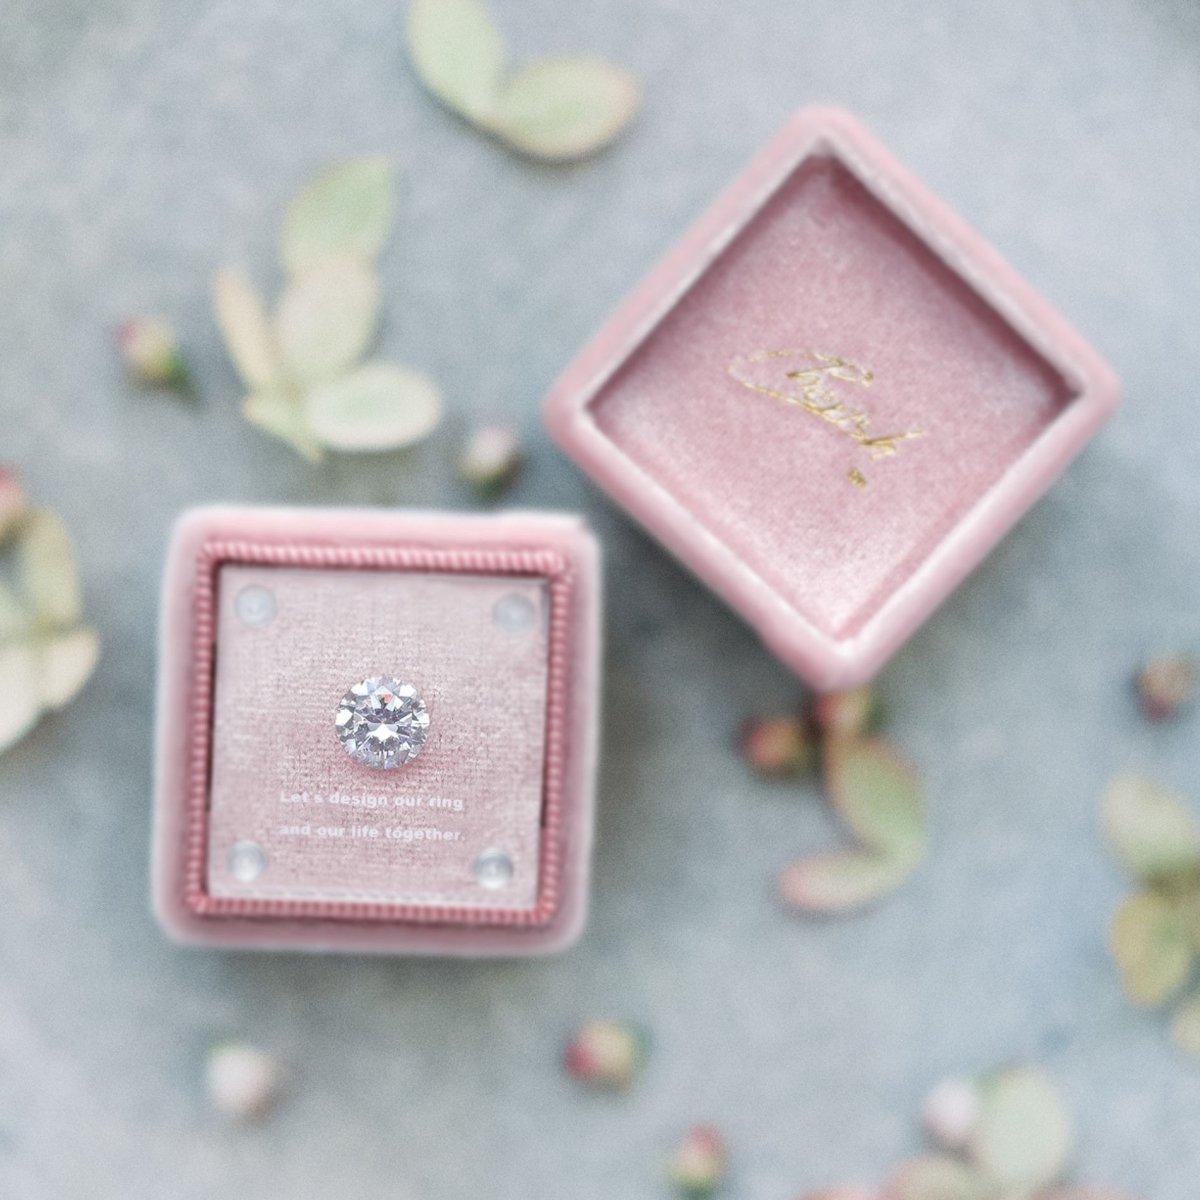 ダイヤモンドルース(ダイヤモンドプロポーズ用)